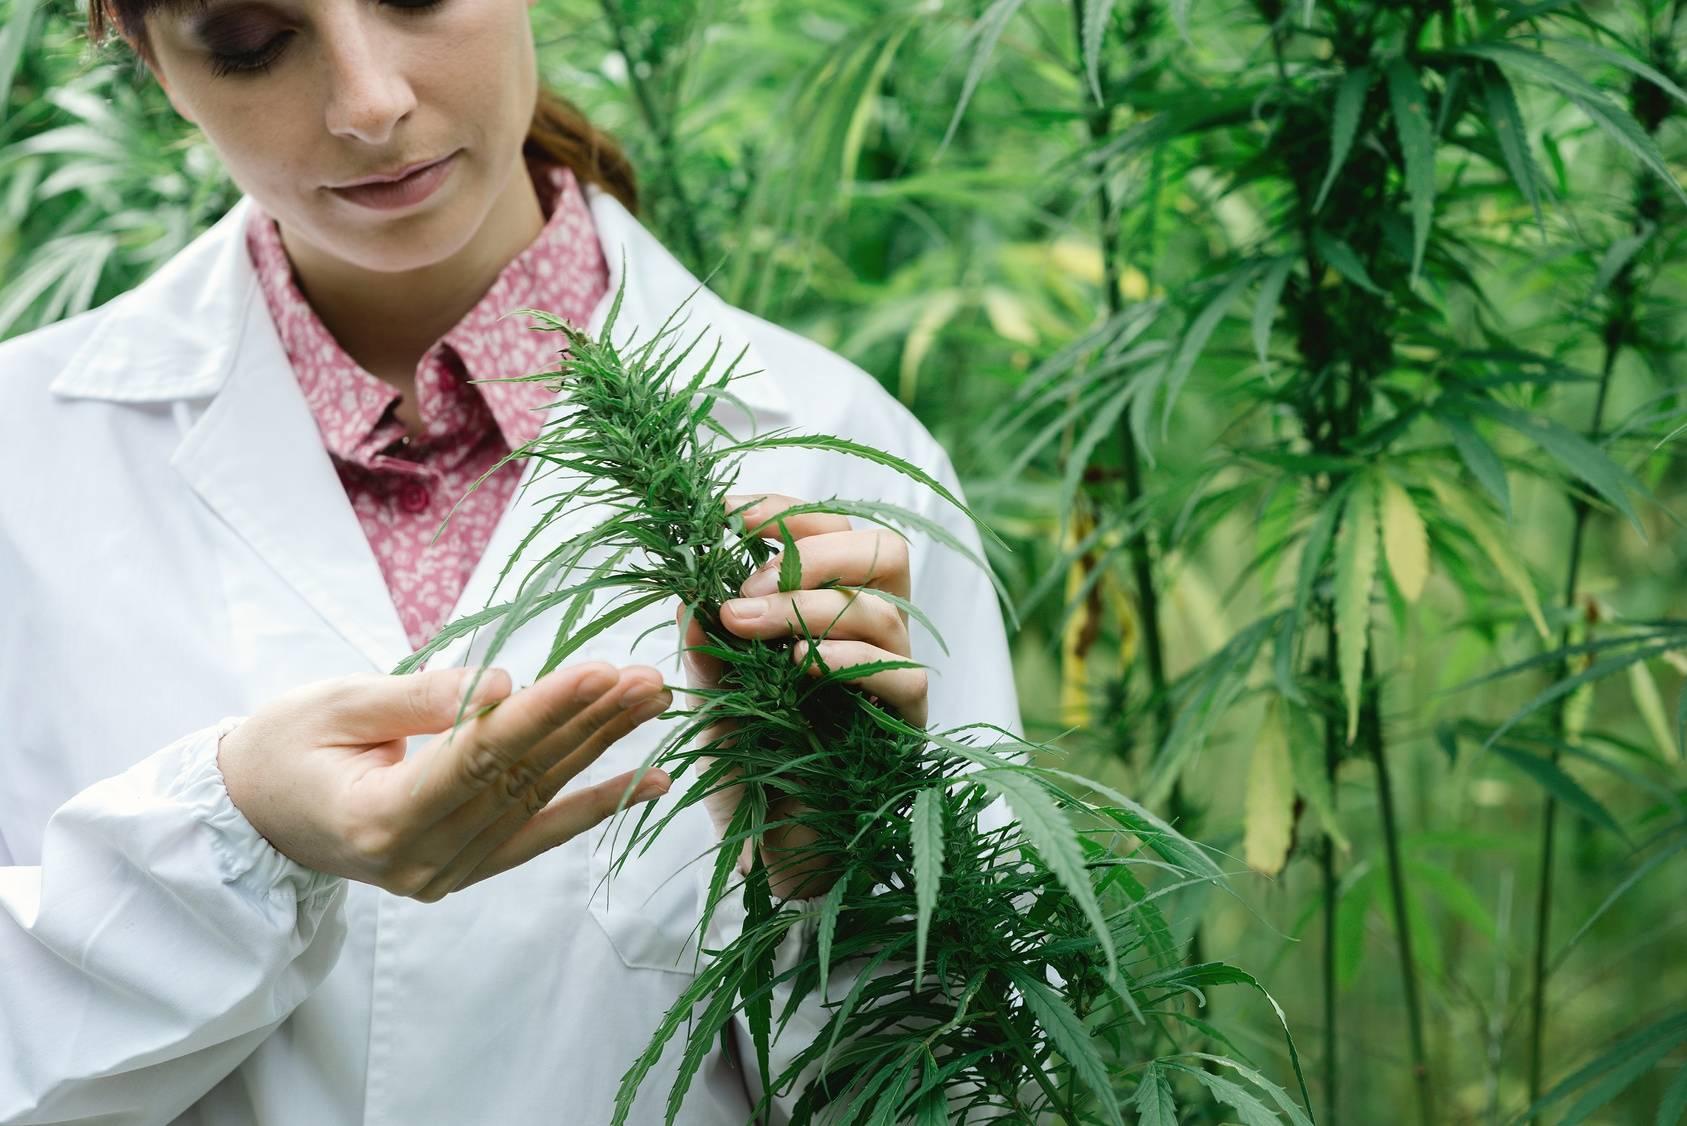 Legalna medyczna marihuana - jak z niej korzystać? Naukowczyni bada liście konopne na plantacji marihuany medycznej.